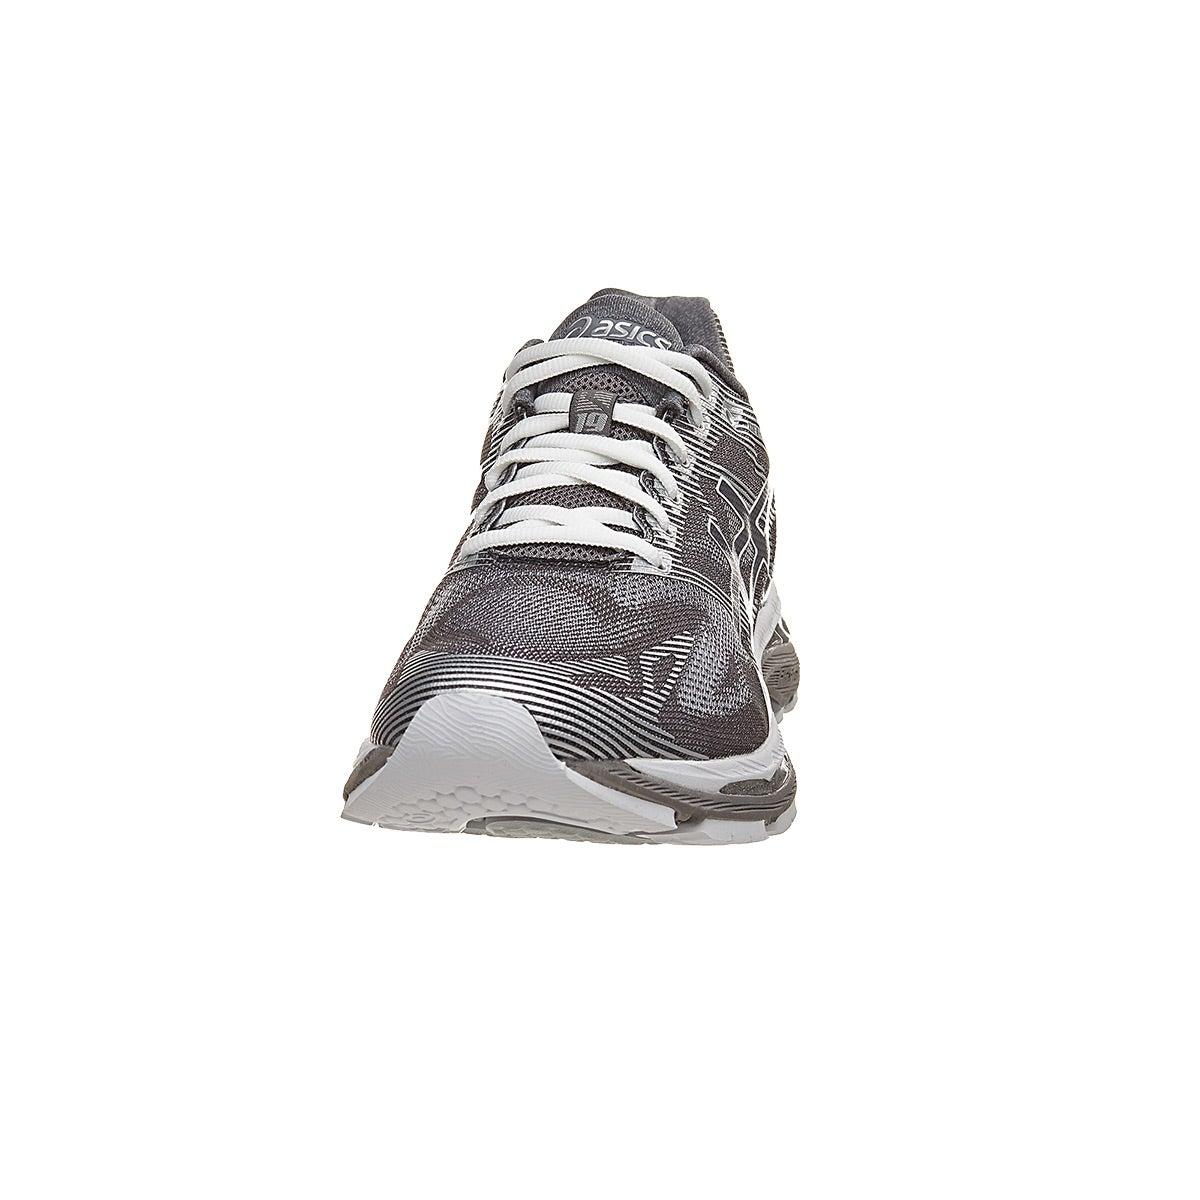 save off c5435 5f7c7 ASICS Gel Nimbus 19 Men's Shoes Carbon/White/Silver 4E 360 ...